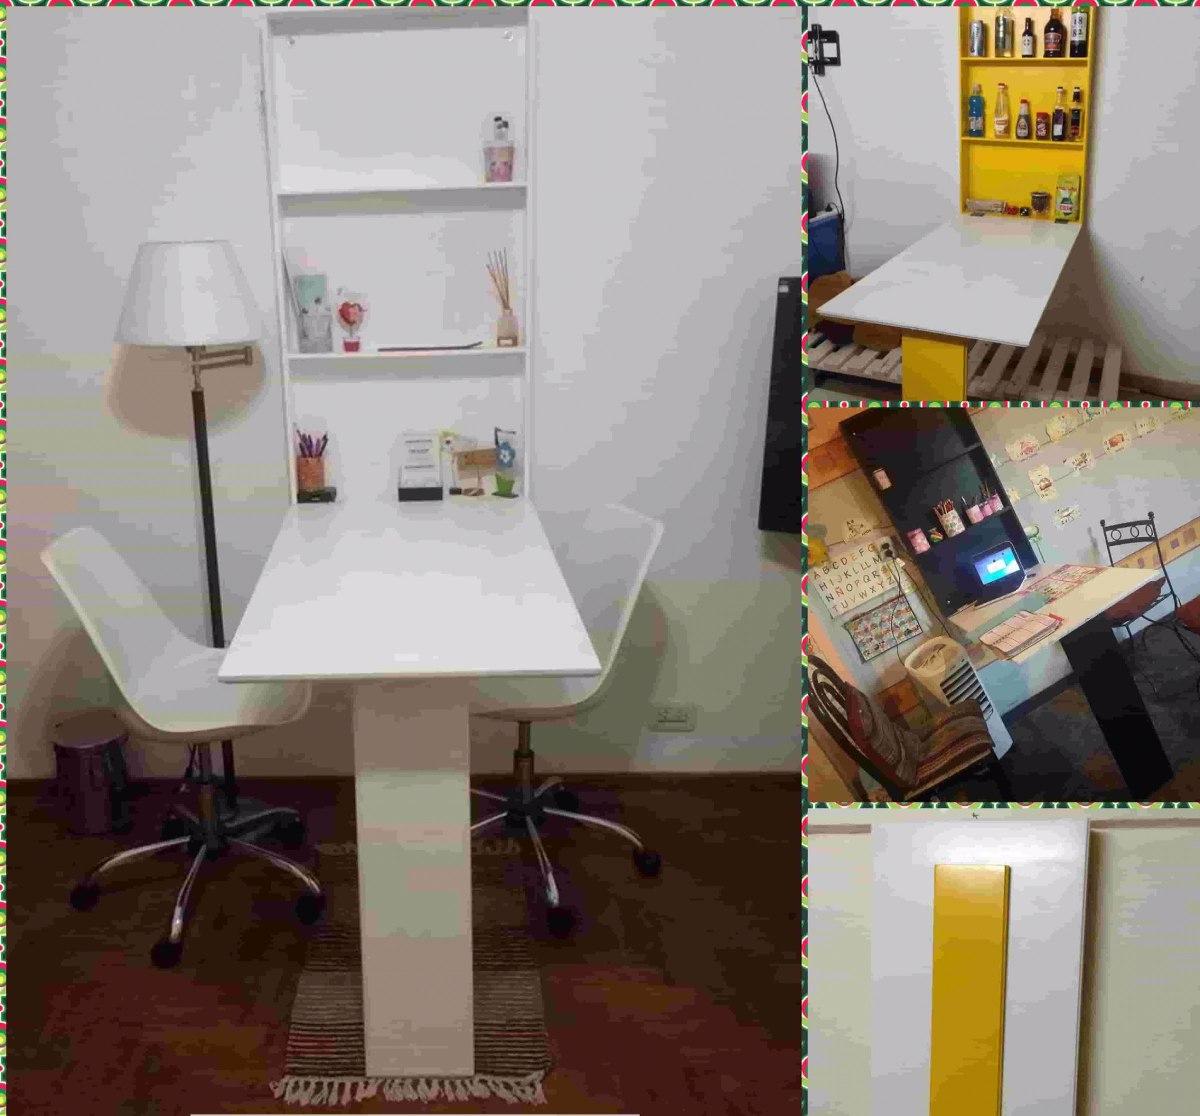 Mesa Plegable Pared Hogar Muebles Y Jard N En Mercado Libre  ~ Mesa De Cocina Plegable Tipo Libro